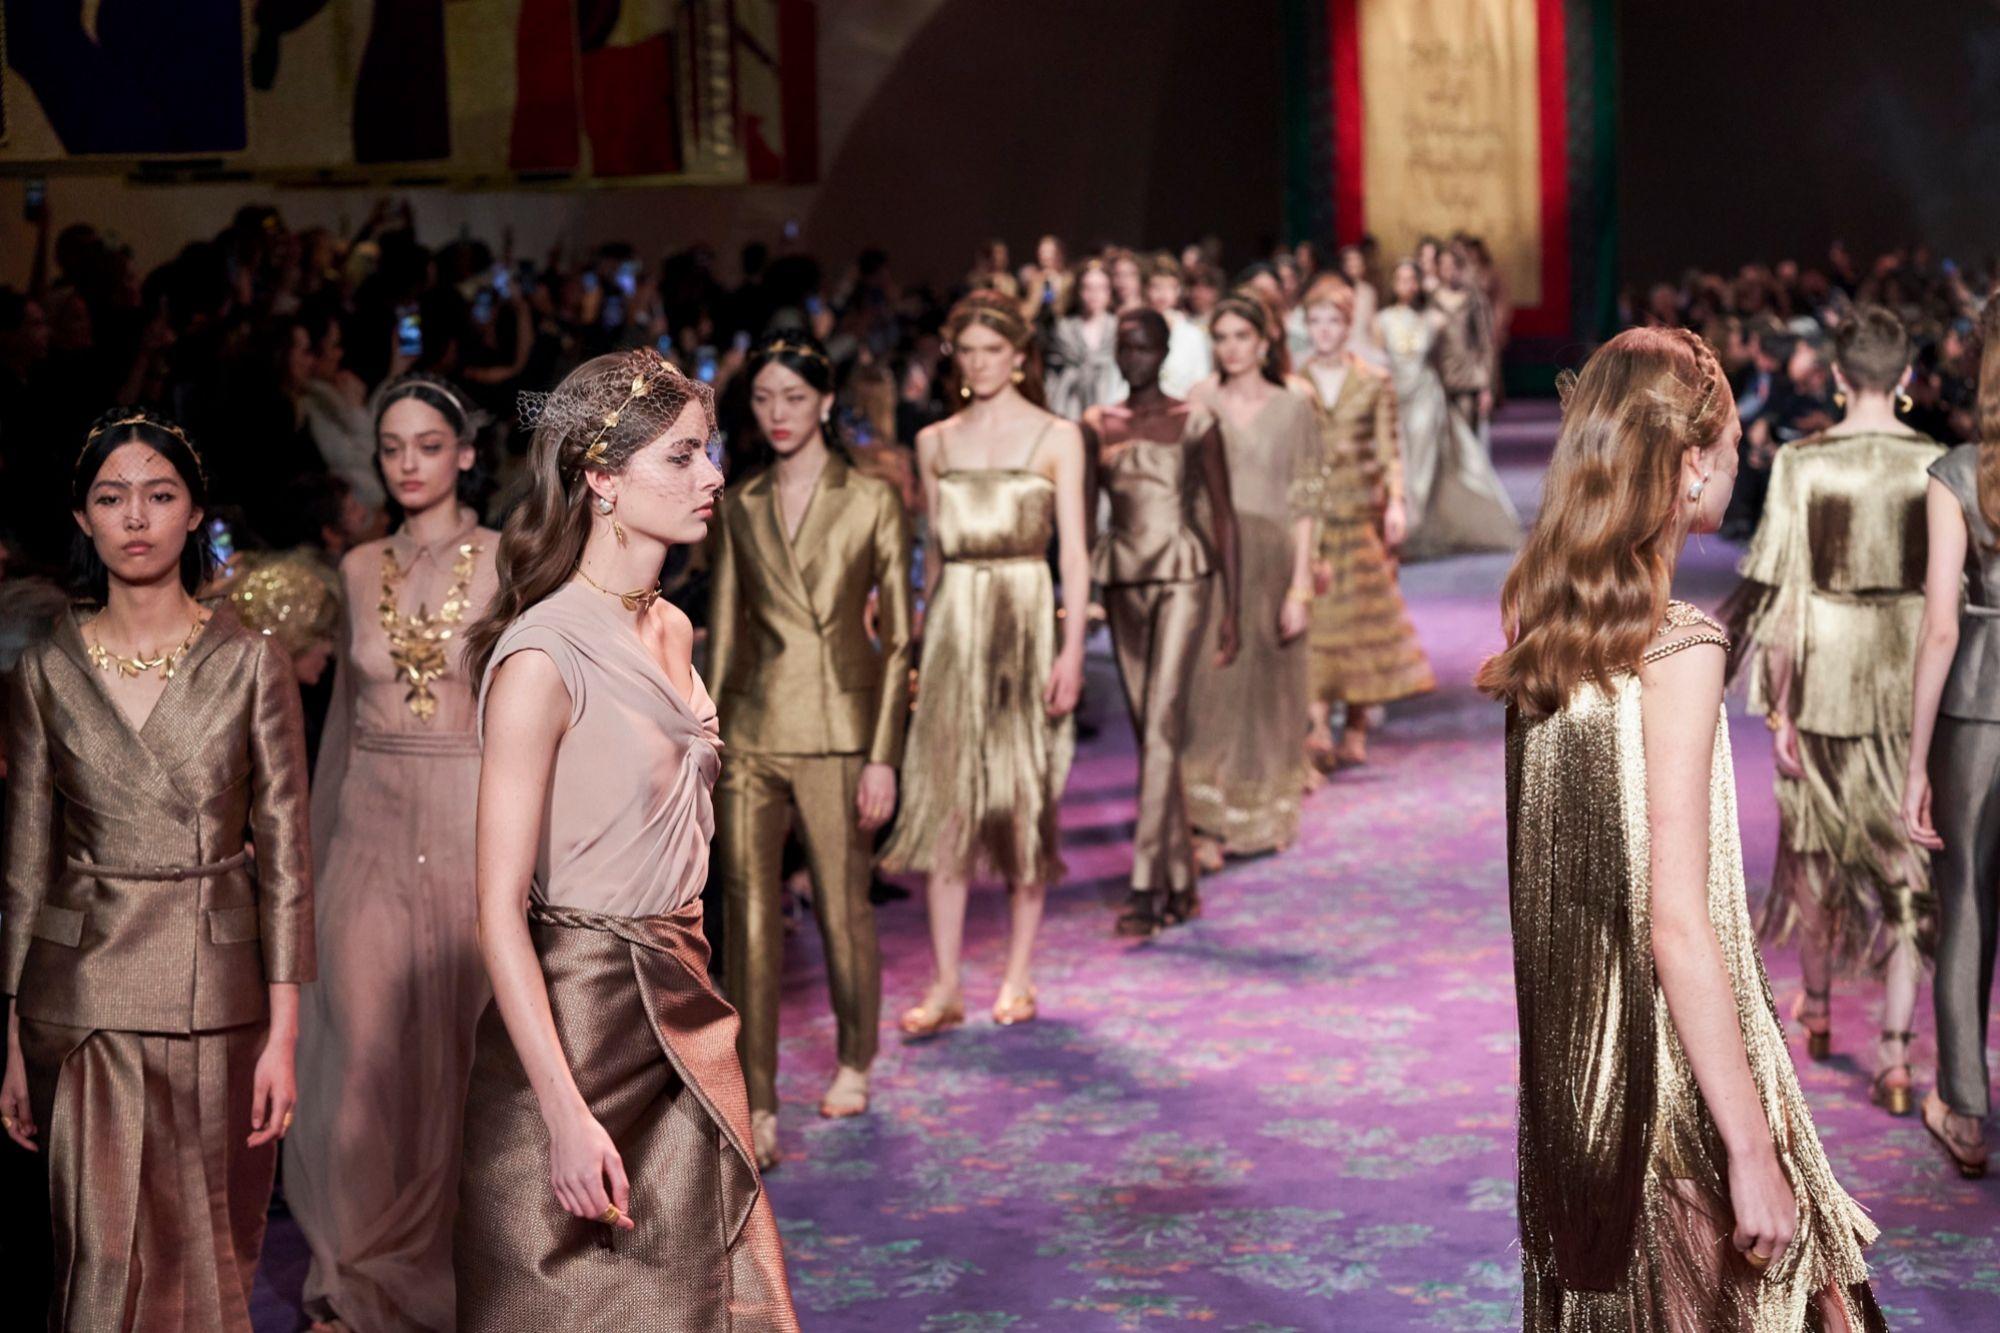 Carrusel final de la colección de Costura de Dior de esta primavera-verano 2020.